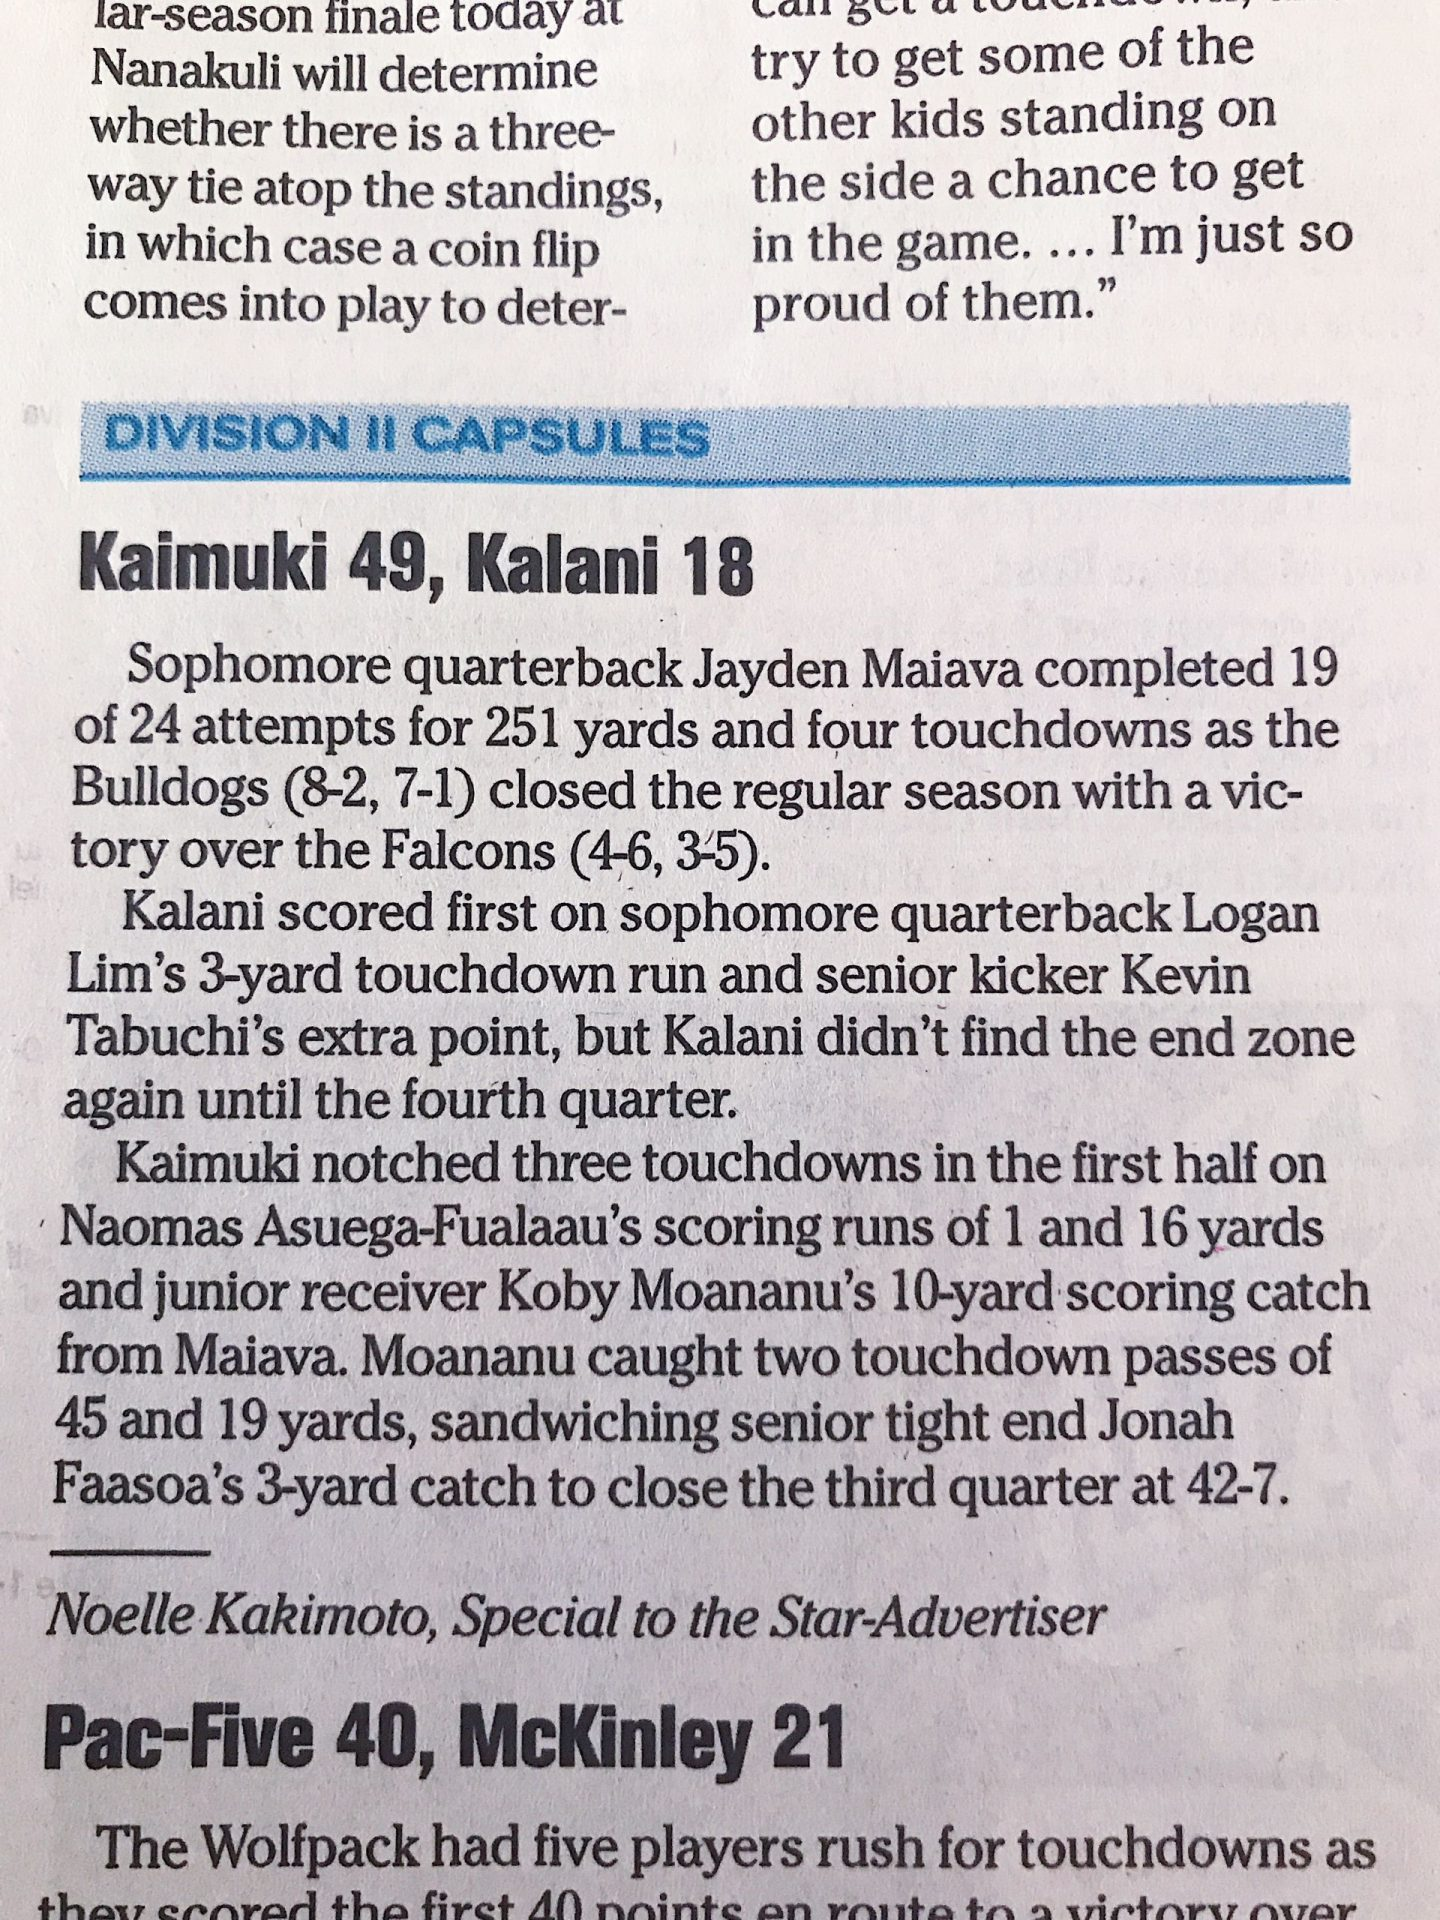 Kaimuki vs Kalani capsule